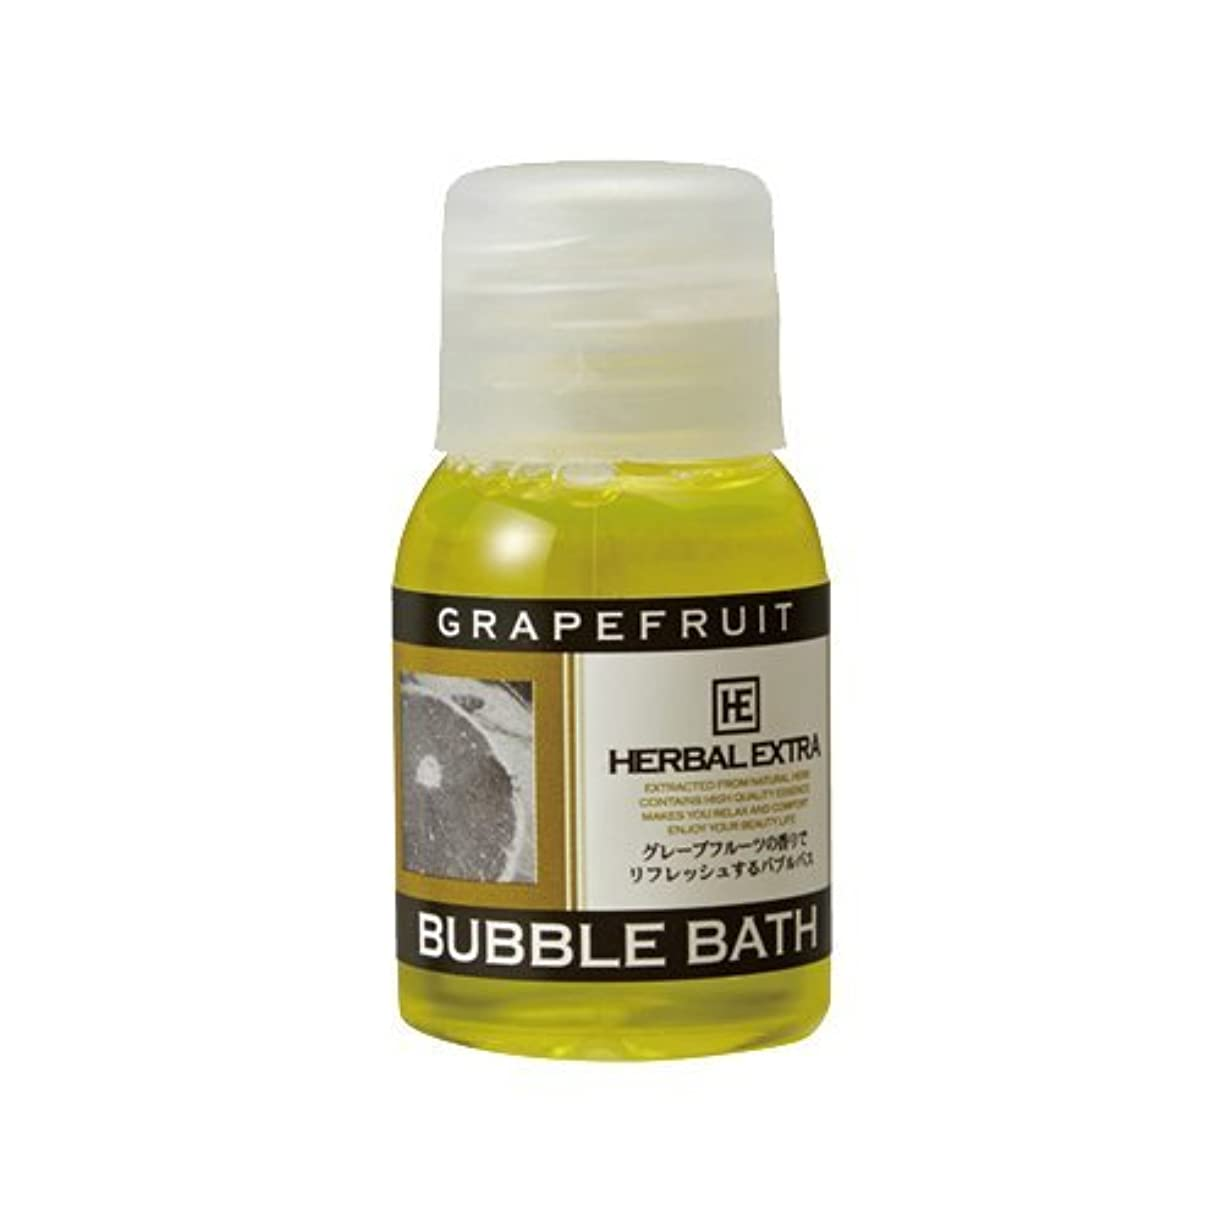 攻撃的トーン不調和ハーバルエクストラ バブルバス ミニボトル グレープフルーツの香り × 80個セット - ホテルアメニティ 業務用 発泡入浴剤 (BUBBLE BATH)